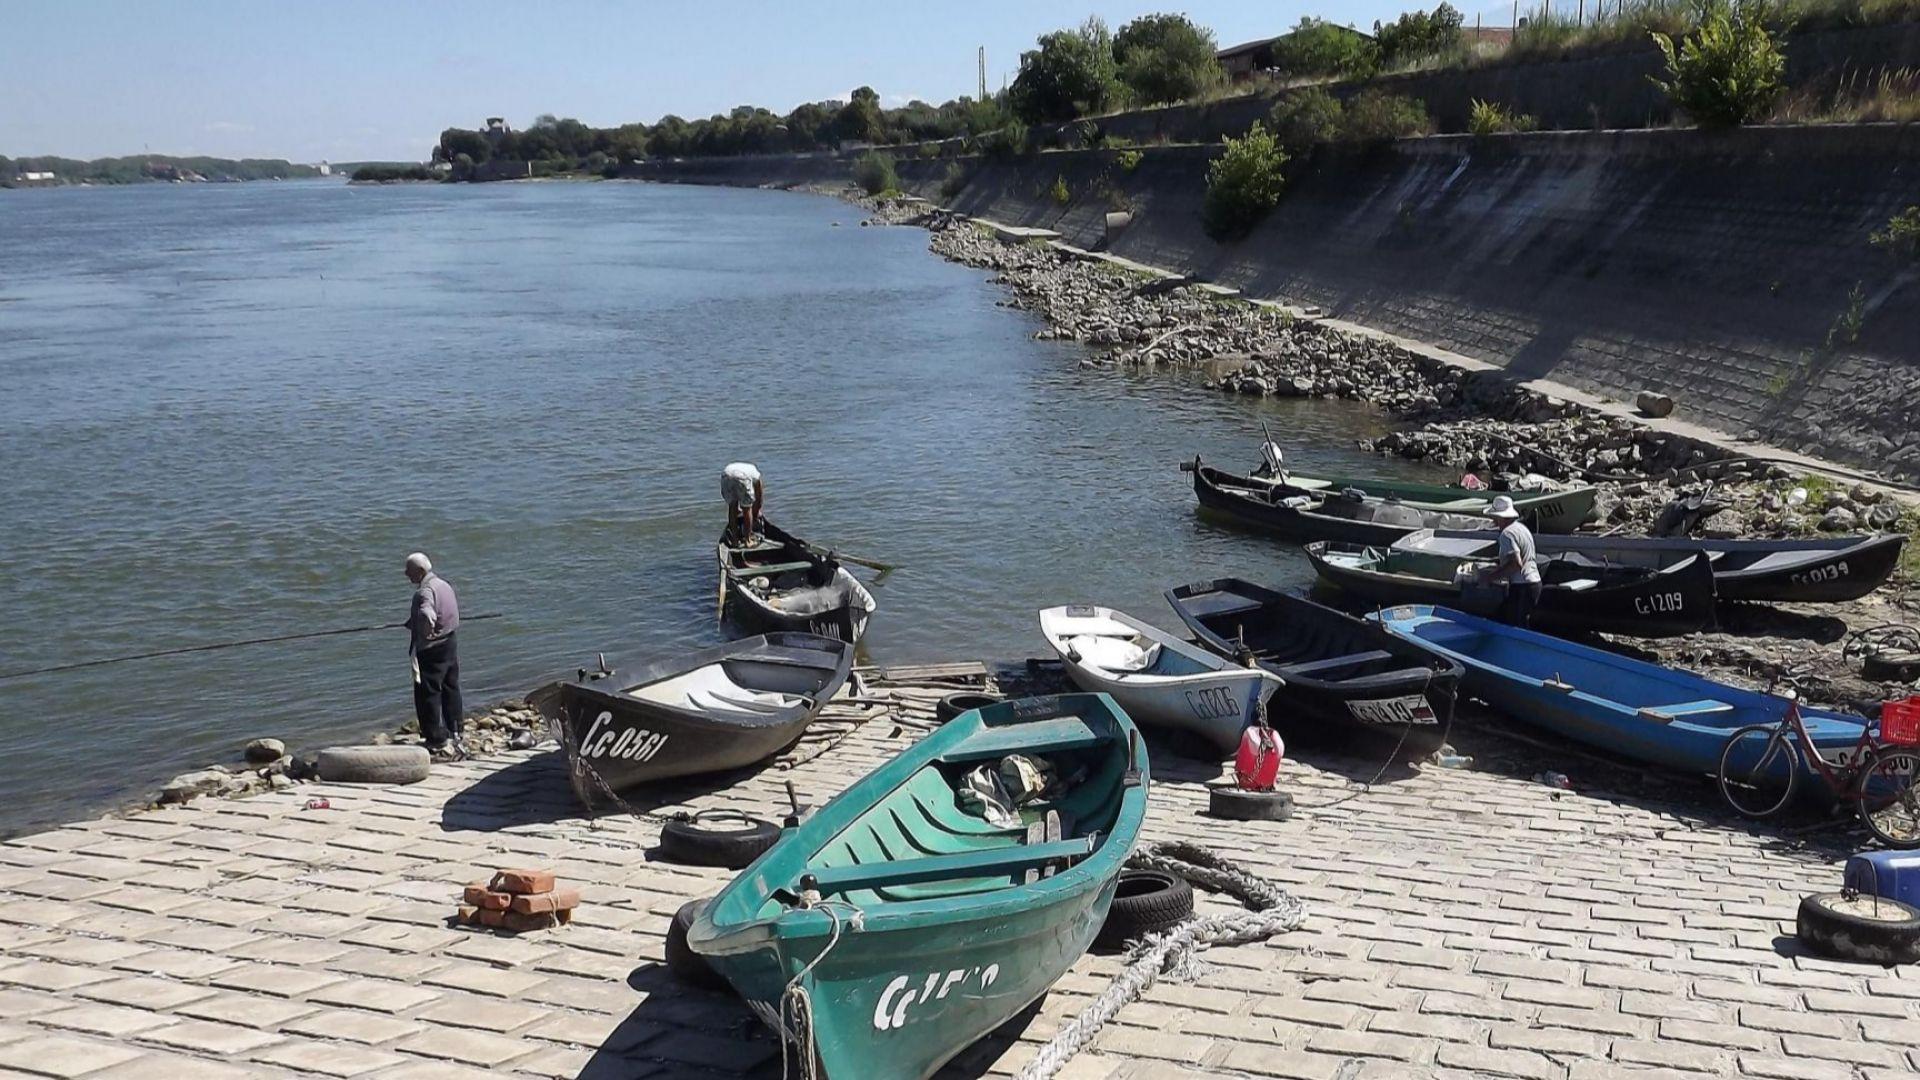 16-годишно момче е потънало в река Дунав край Силистра тази